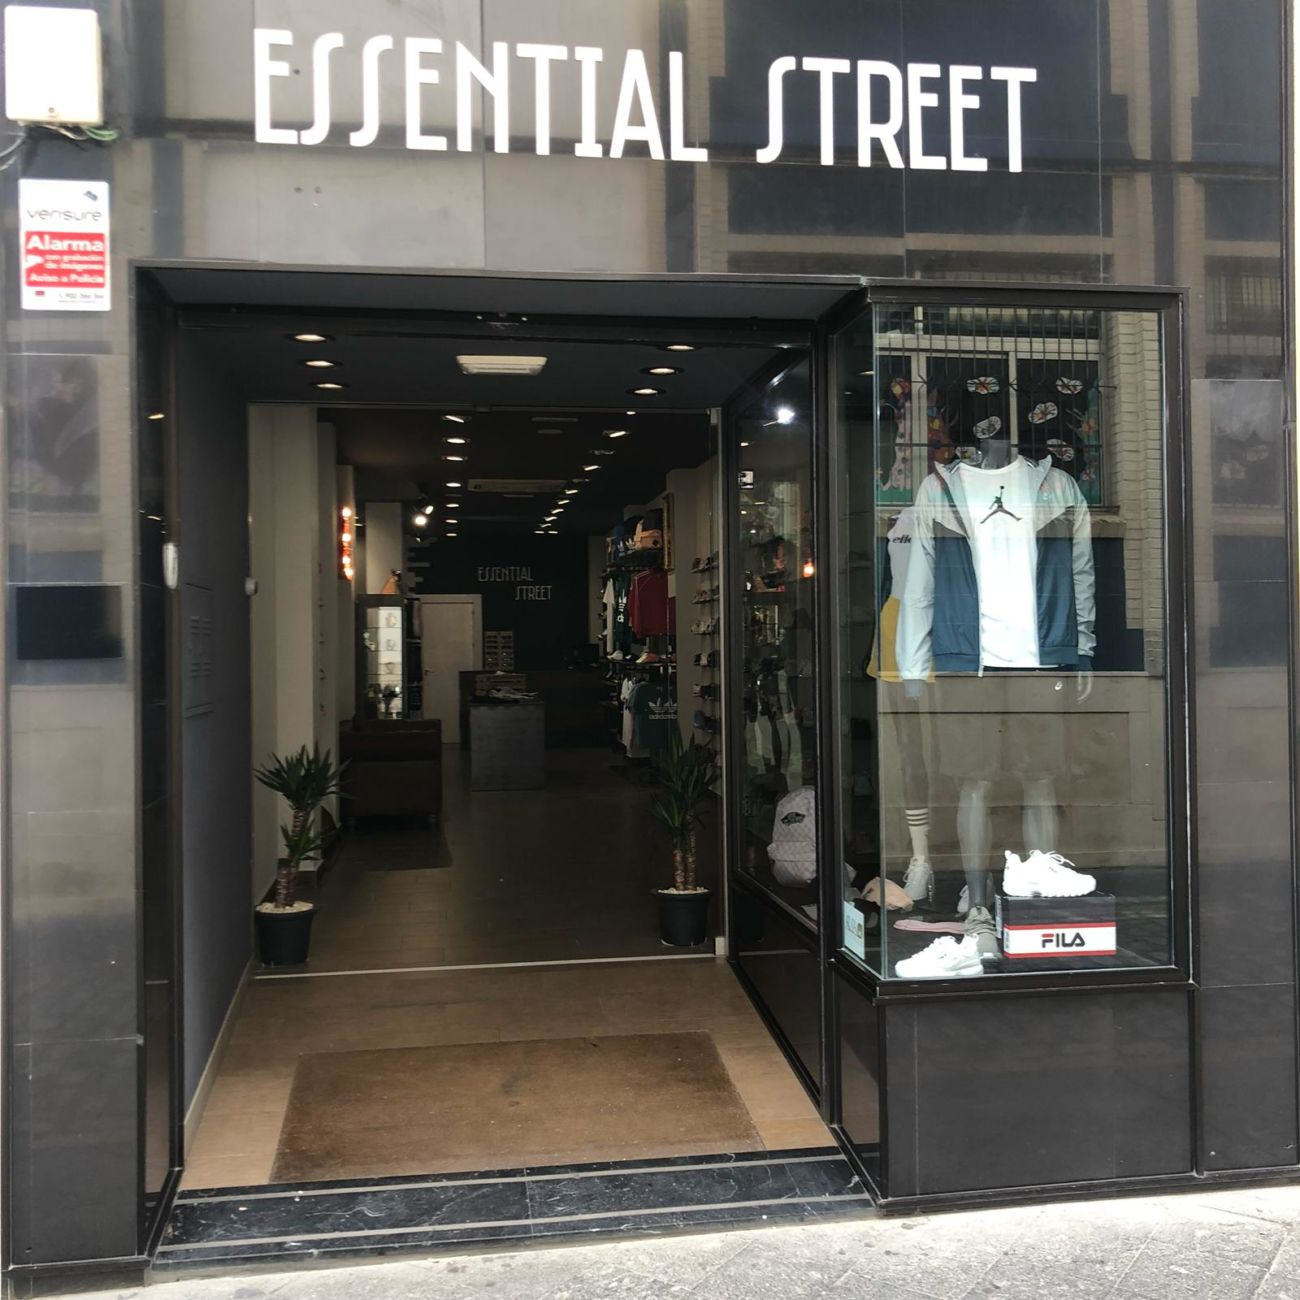 474c7f728 Essential Street tiendas de deporte y moda deportiva de Deportes Cronos